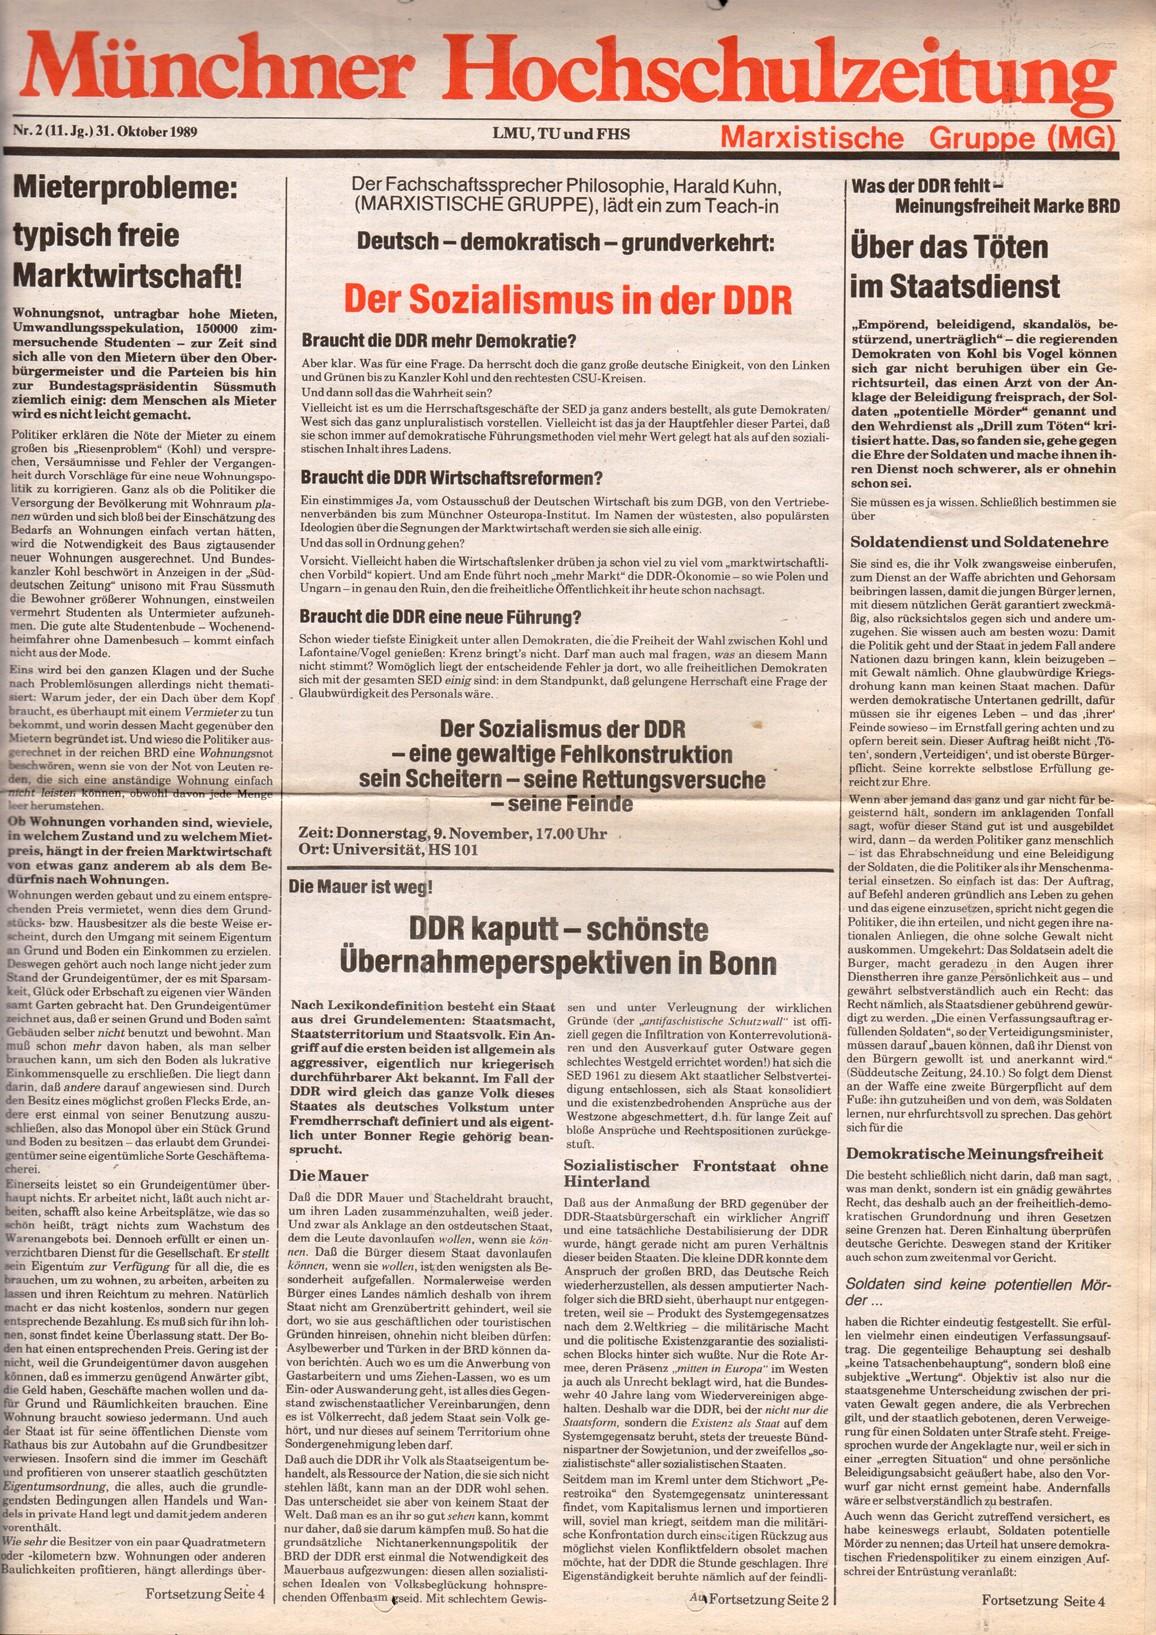 Muenchen_MG_Hochschulzeitung_19891031_01